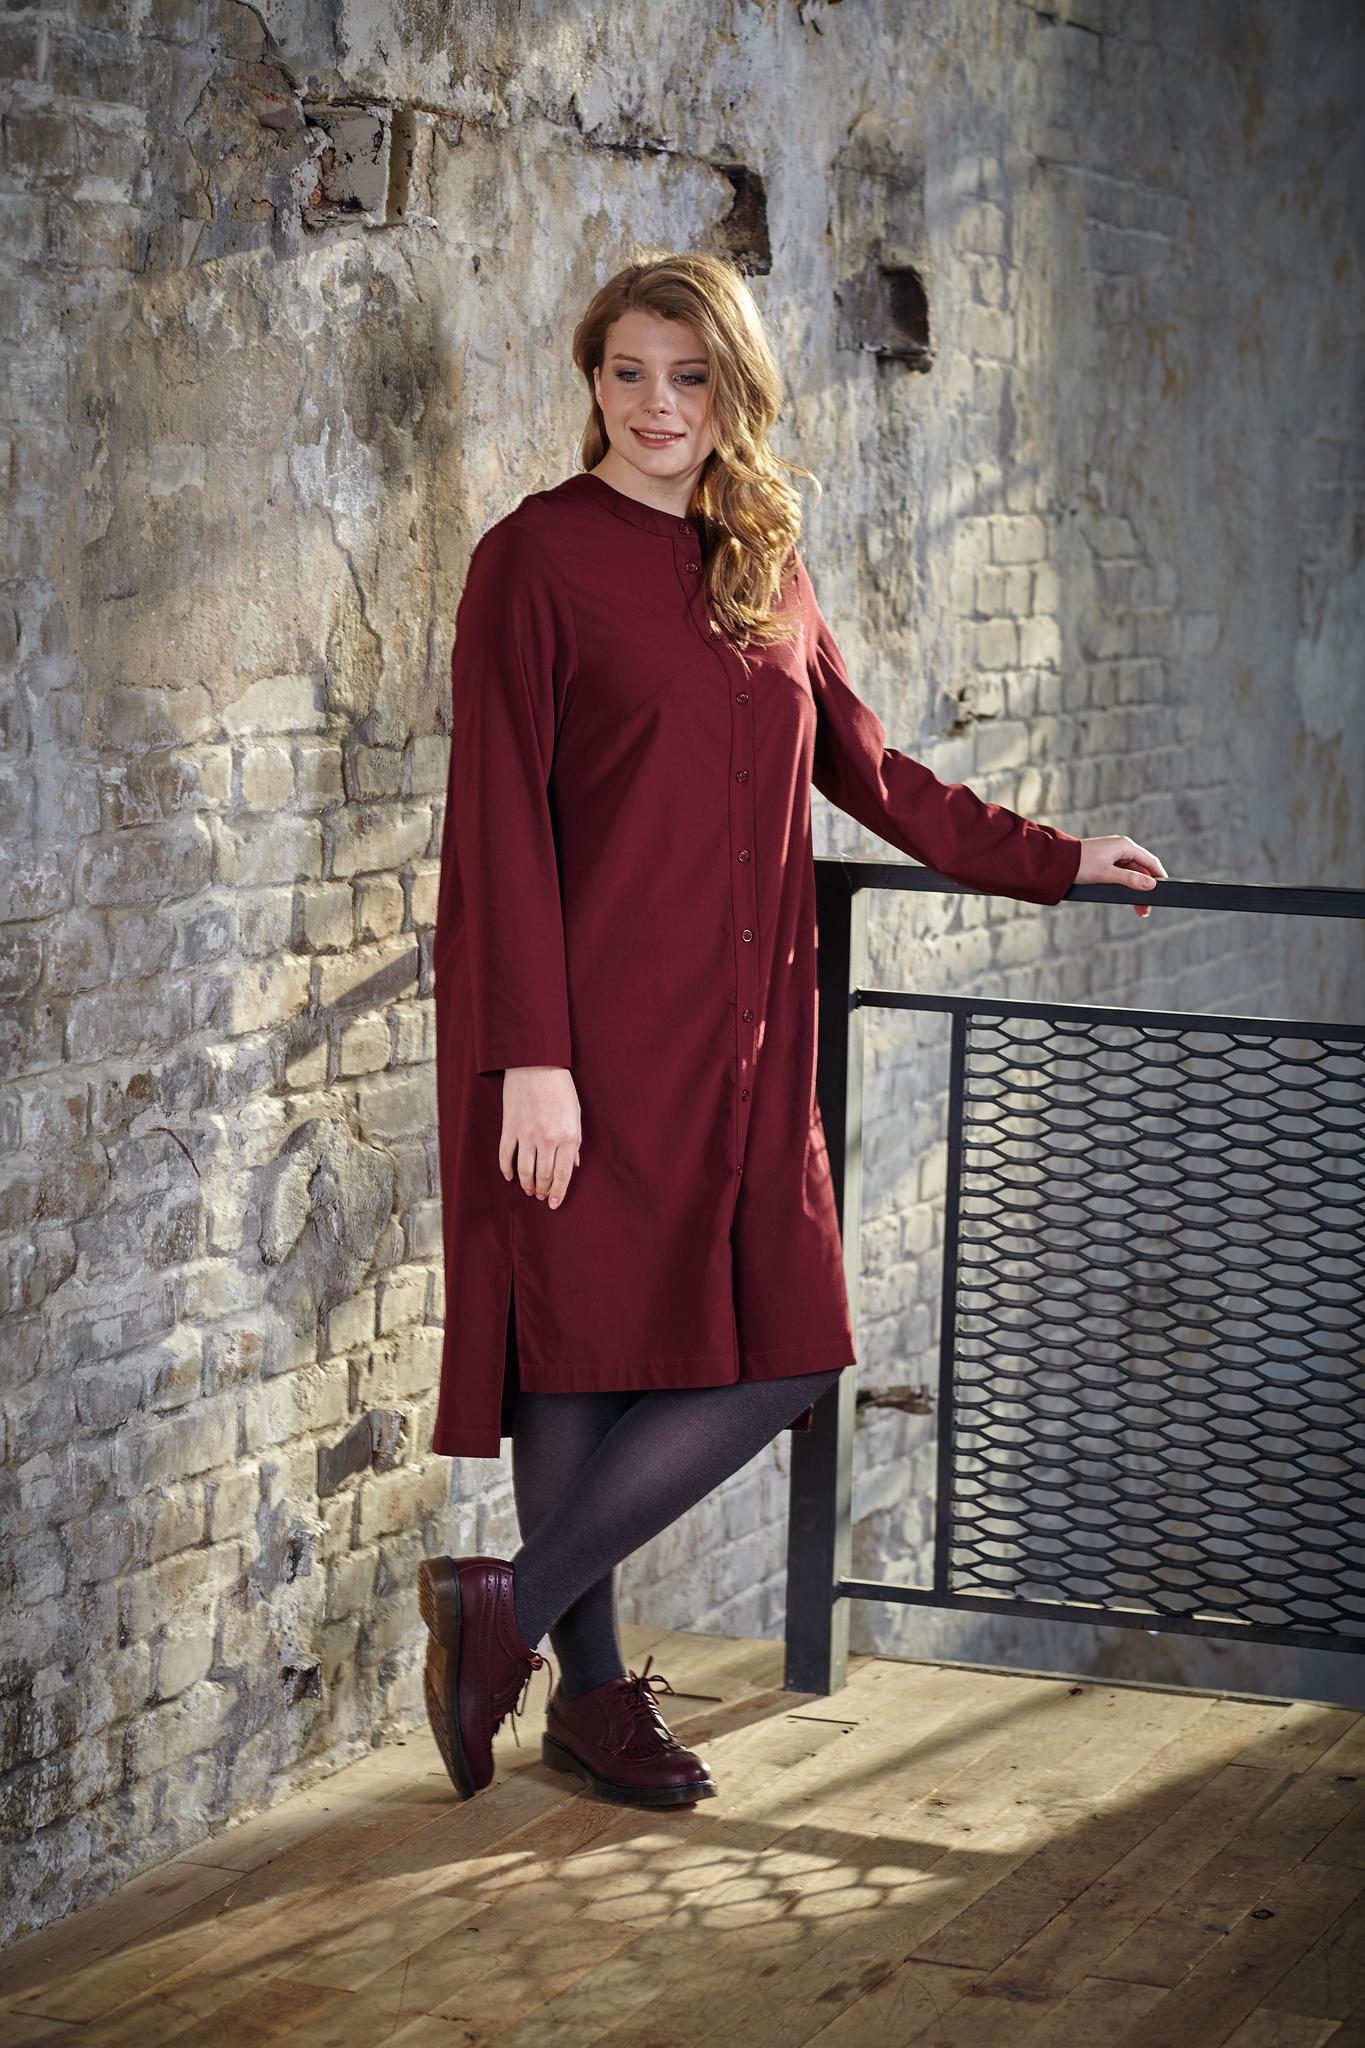 Платье-рубашка BASE-02 D12 DM08Платья<br>Хлопковое платье-рубашка,со стильным разноуровневым низом, свободное и очень удобное! Отлично сидит на любой фигуре и настолько комфортное, что от него невозможно устать! Актуально для любого сезона, является незаменимой частью вашего гардероба! Комбинируйте с жилетом и кардиганом, брюками и плотными колготами и выглядите всегда идеально!<br>